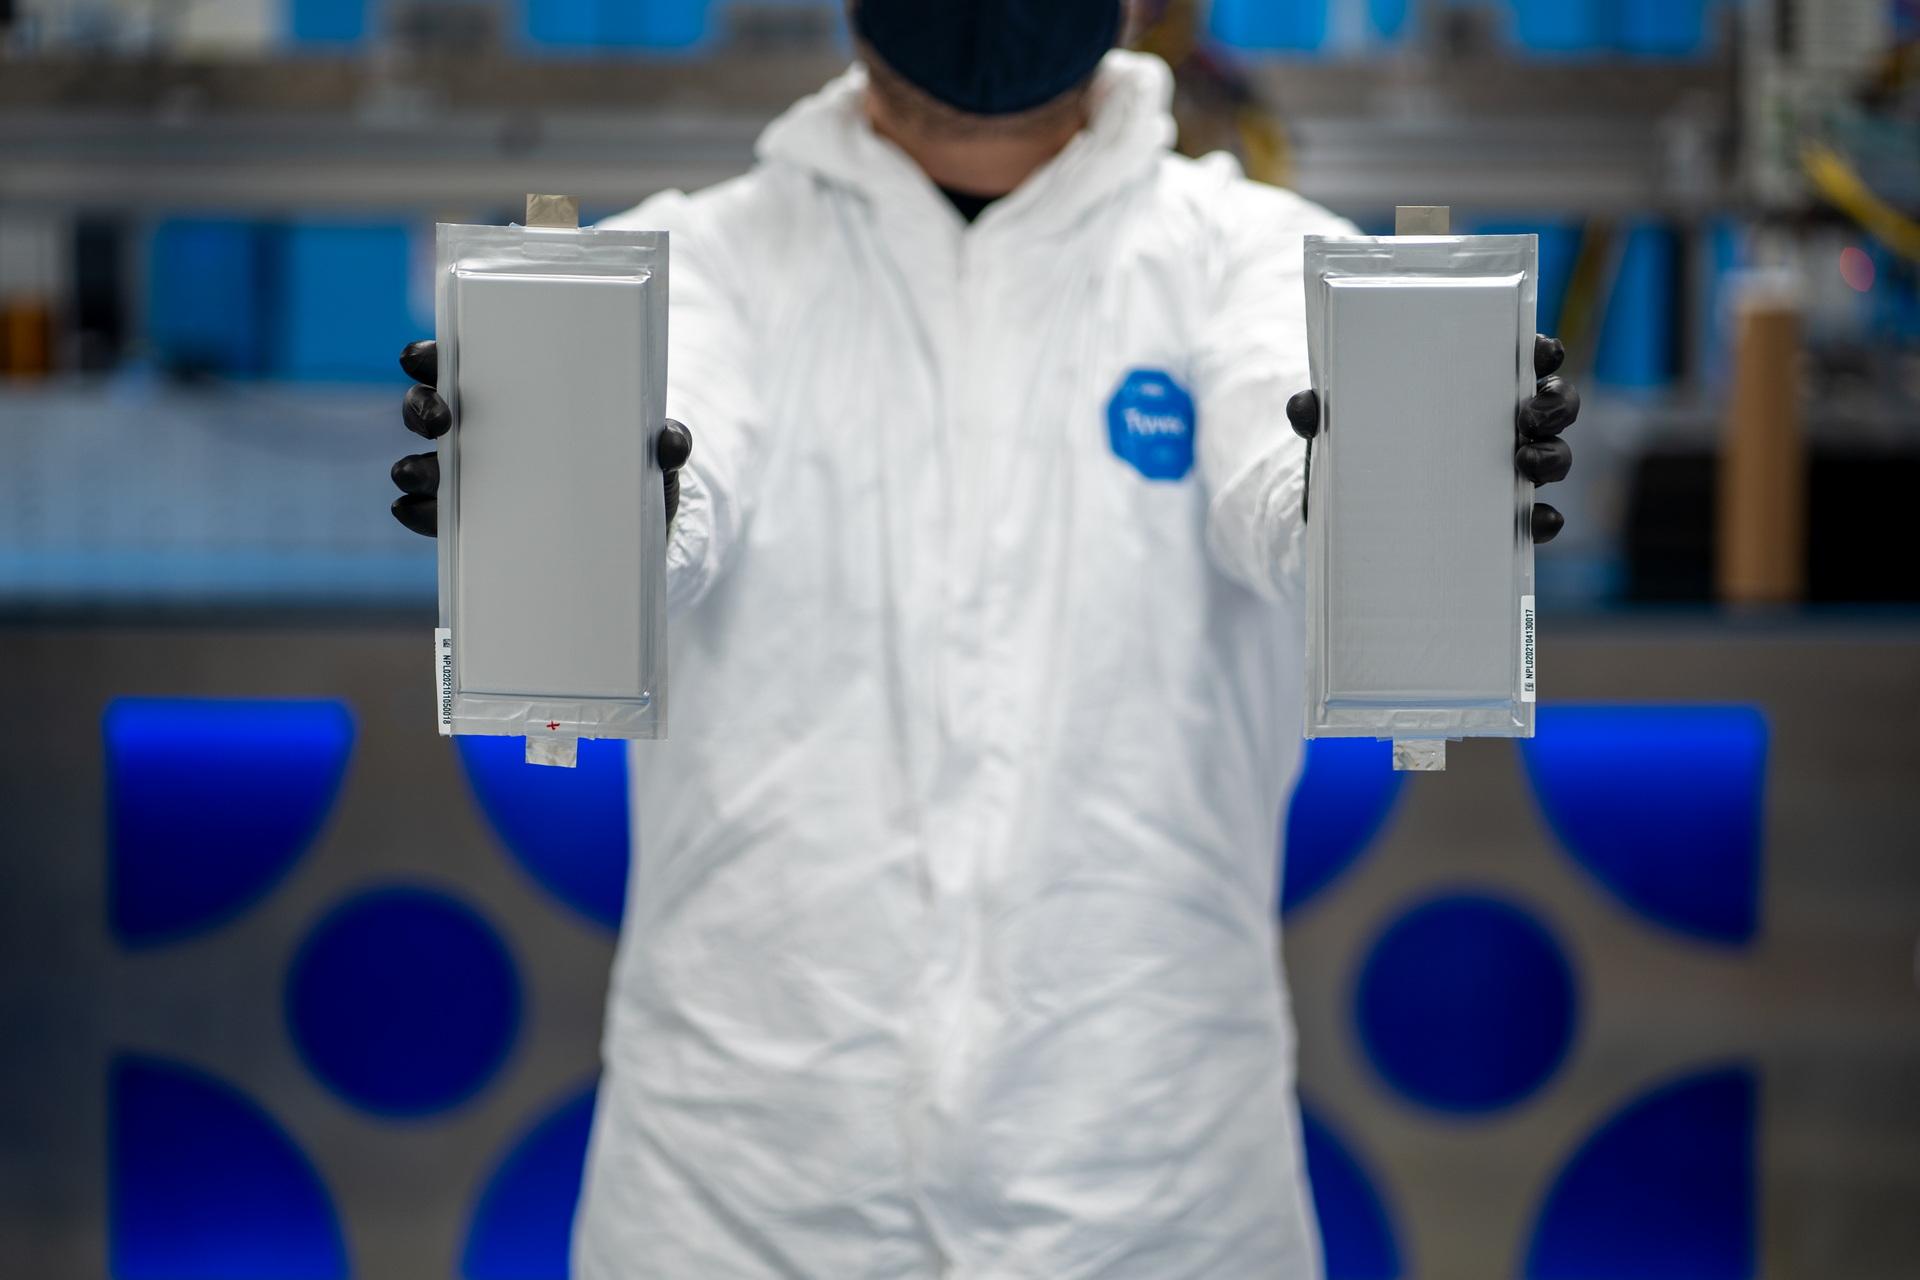 BMW ve Ford, yeni batarya teknolojisi için 130 milyon dolarlık yatırım yaptı